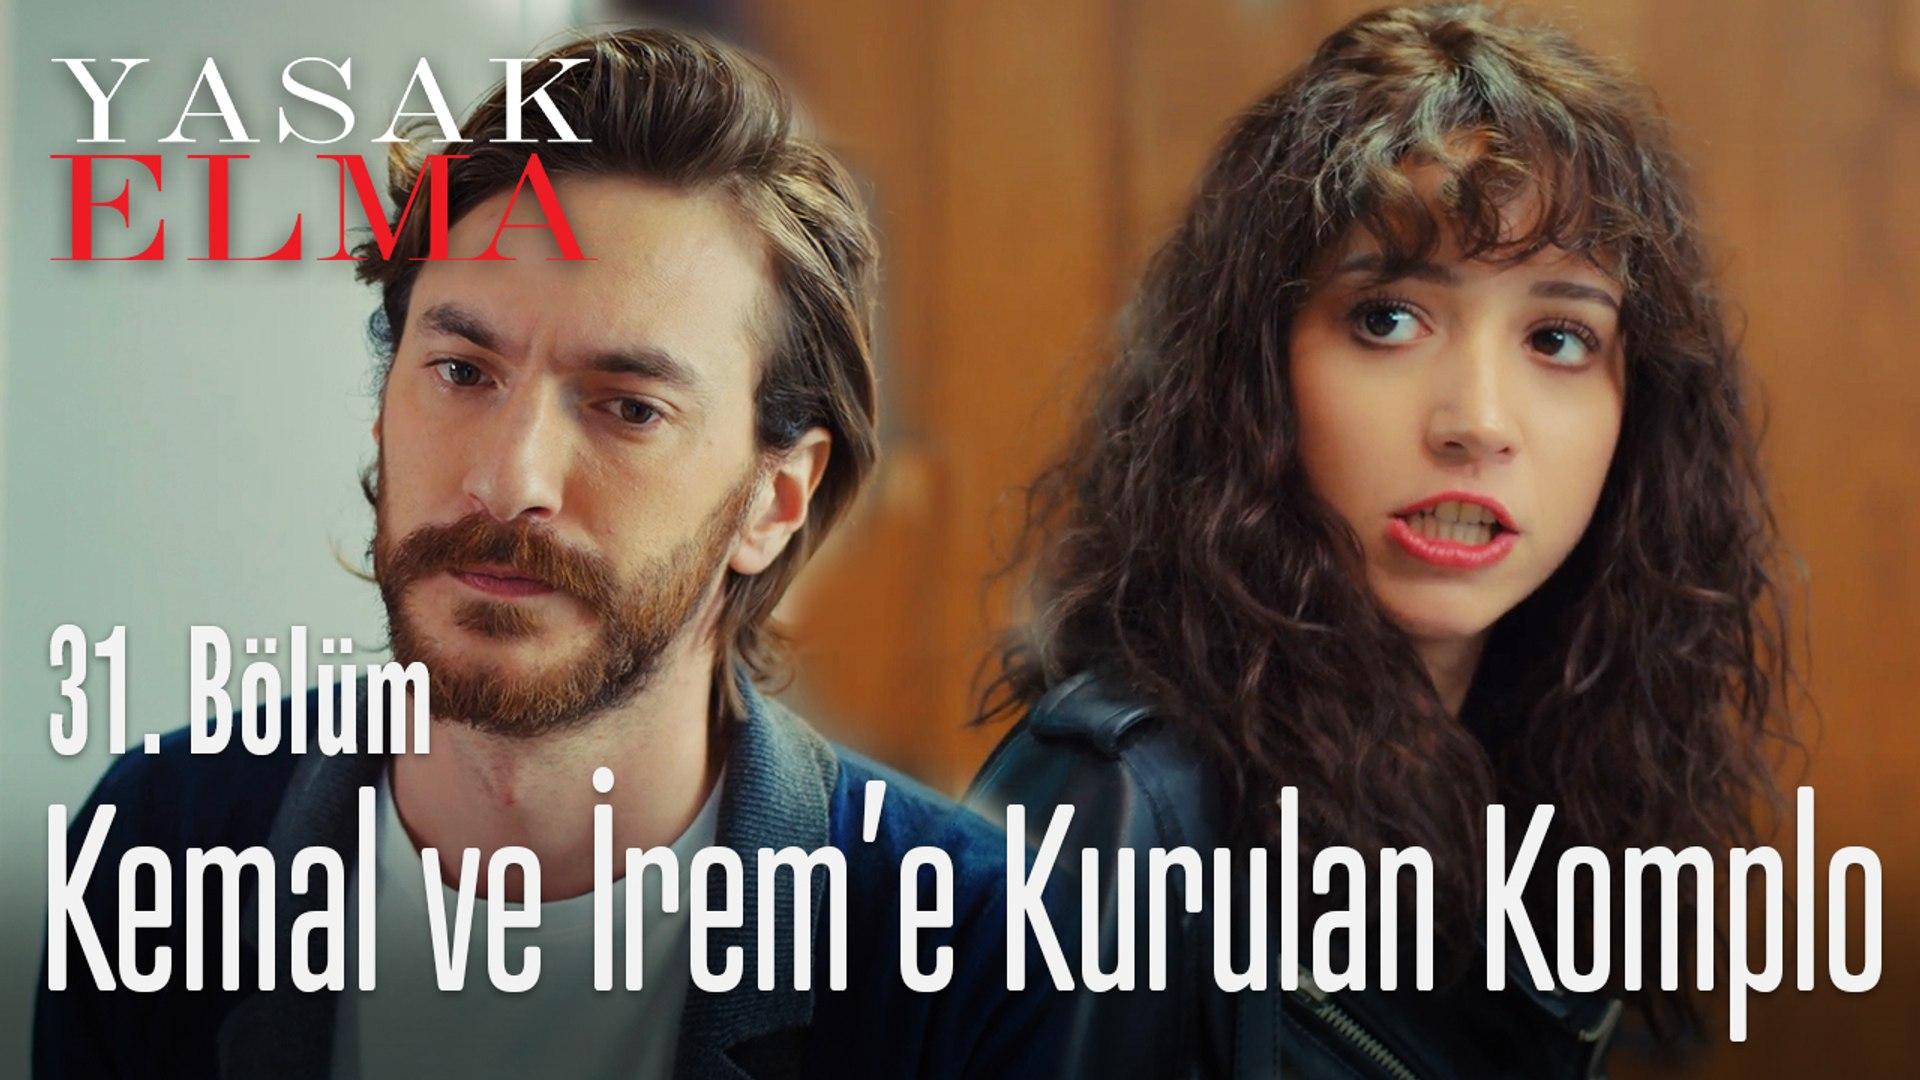 Kemal ve İrem'e kurulan komplo - Yasak Elma 31. Bölüm